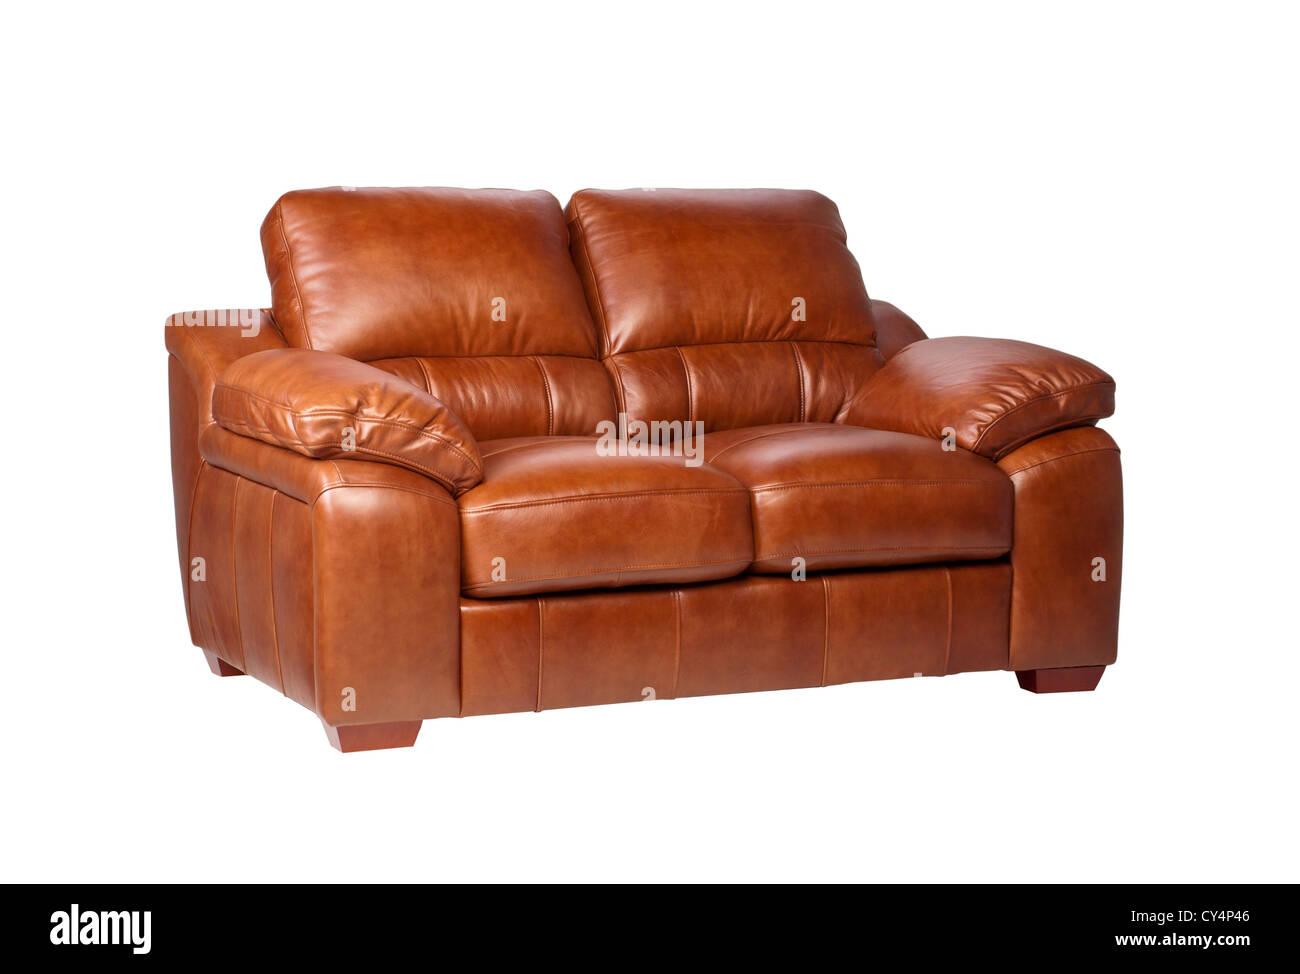 Bonito y lujoso sofá de cuero marrón la gran mobiliario de cuero Imagen De Stock